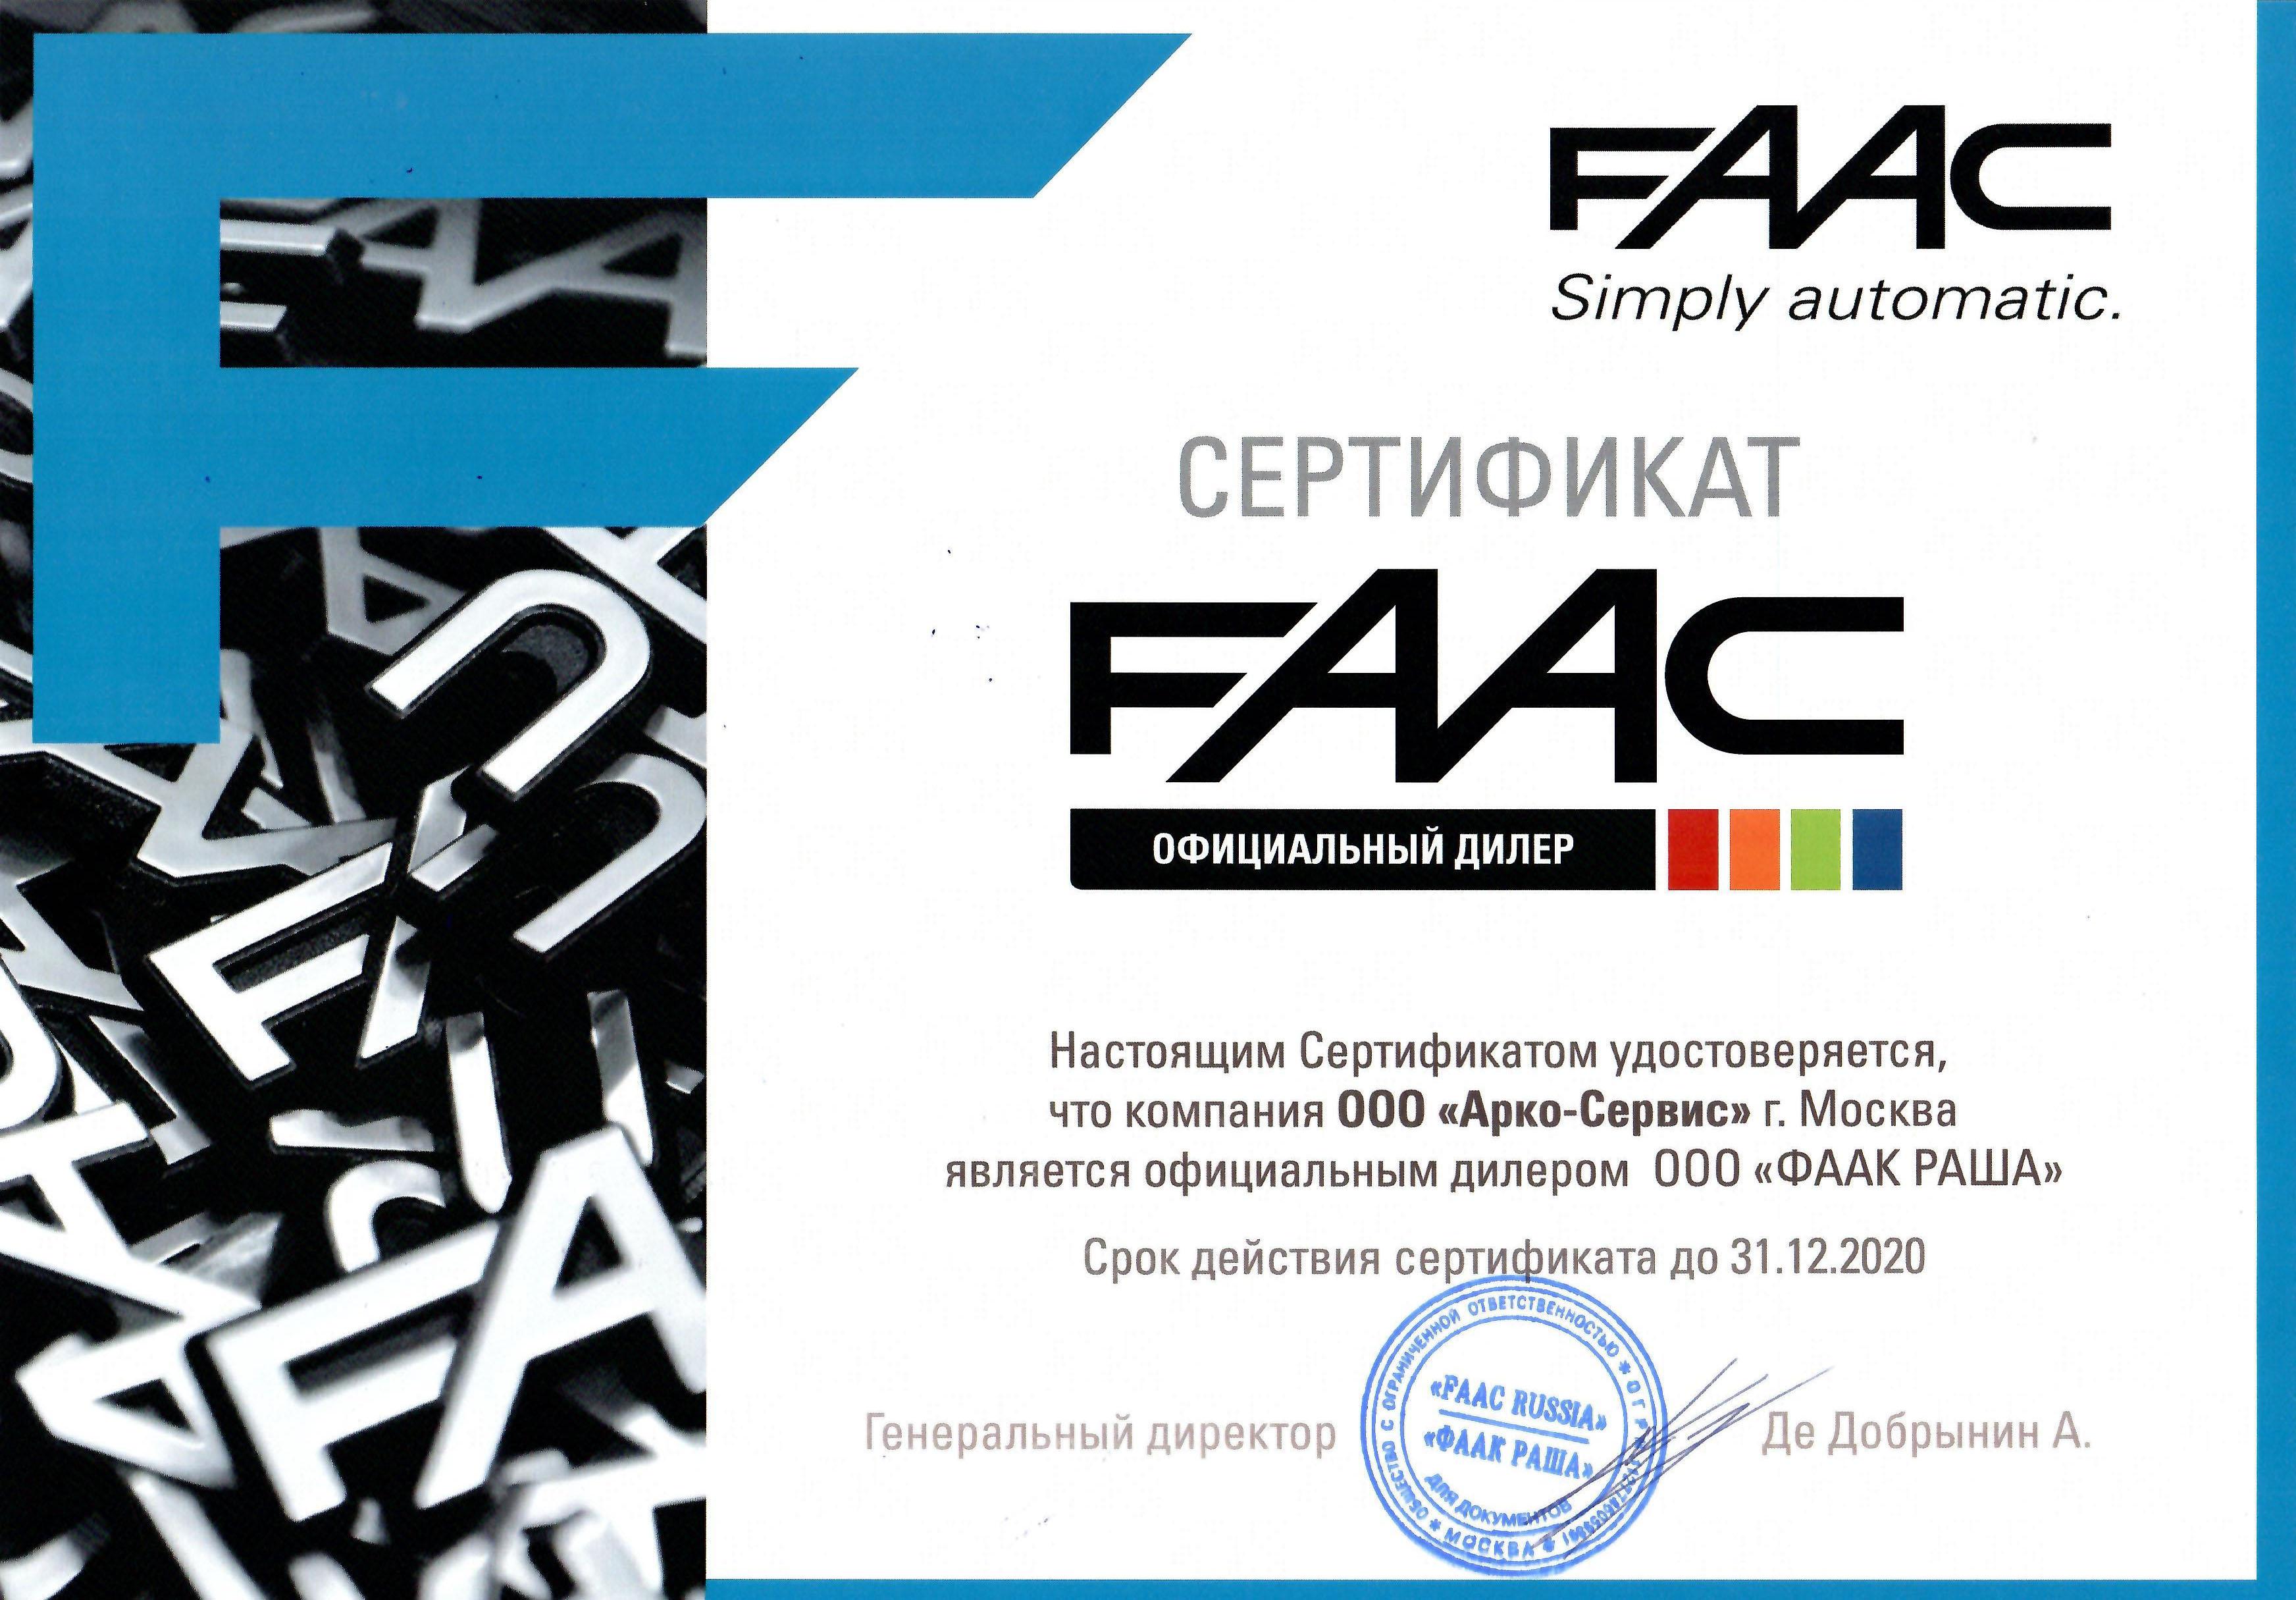 Сертификат Арко Сервис ФААК